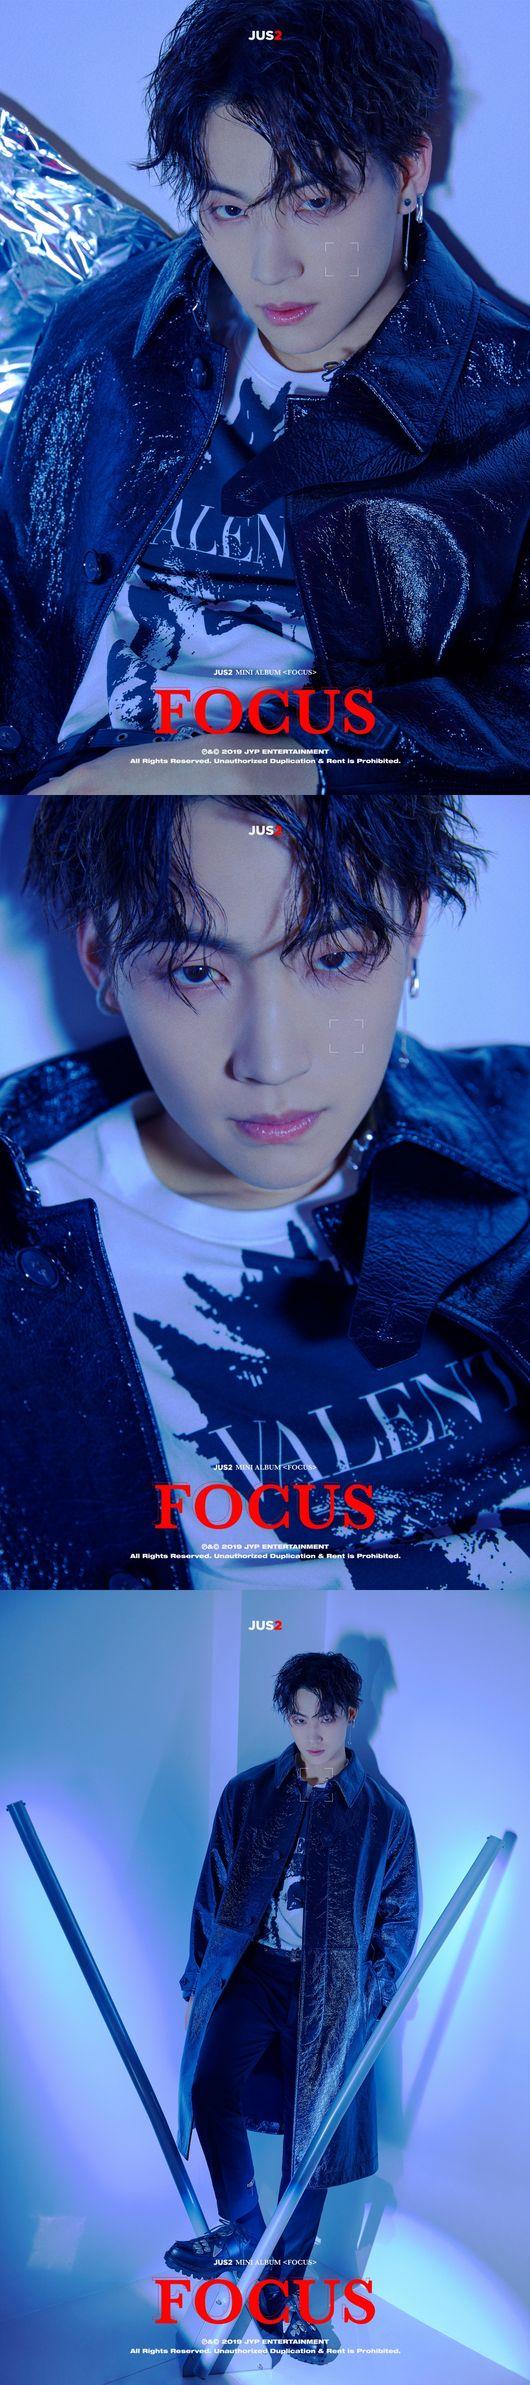 갓세븐 새 유닛 Jus2 JBX유겸, 개인 티저 공개 차가운 야성미